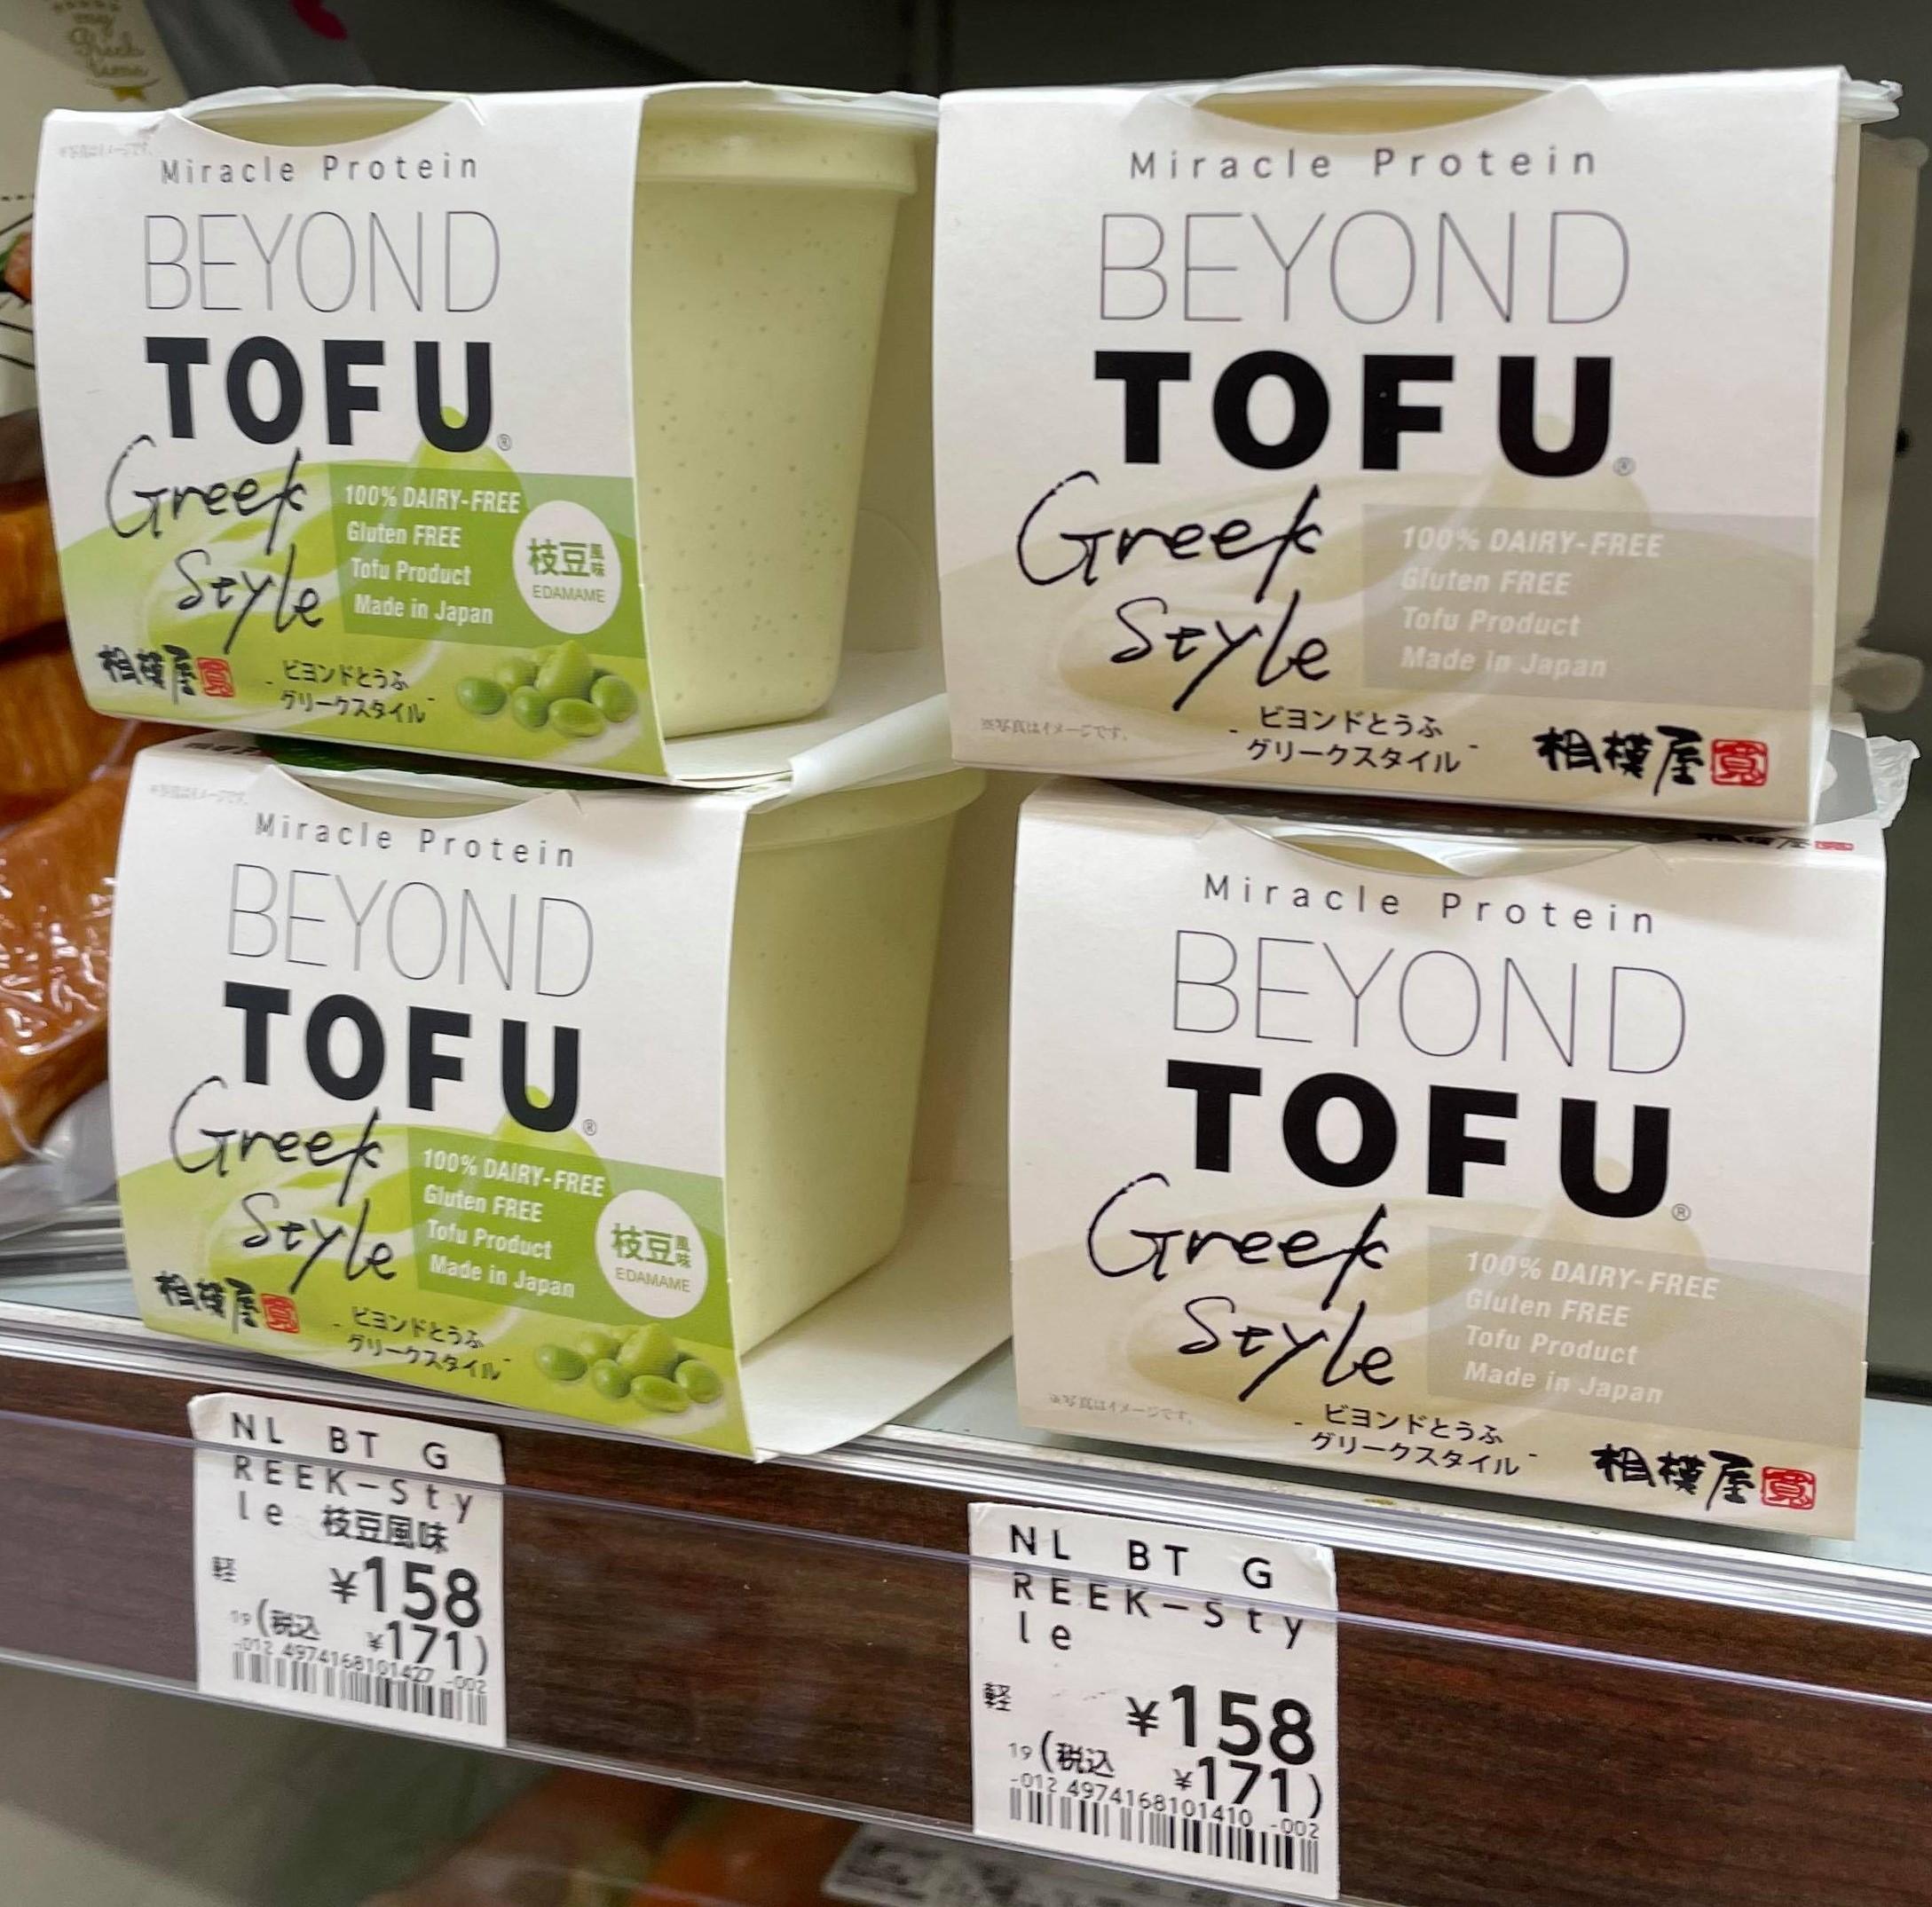 Sagamiya Beyond Tofu Greek Style and Sagamiya Beyond Tofu Greek Style, Edamame